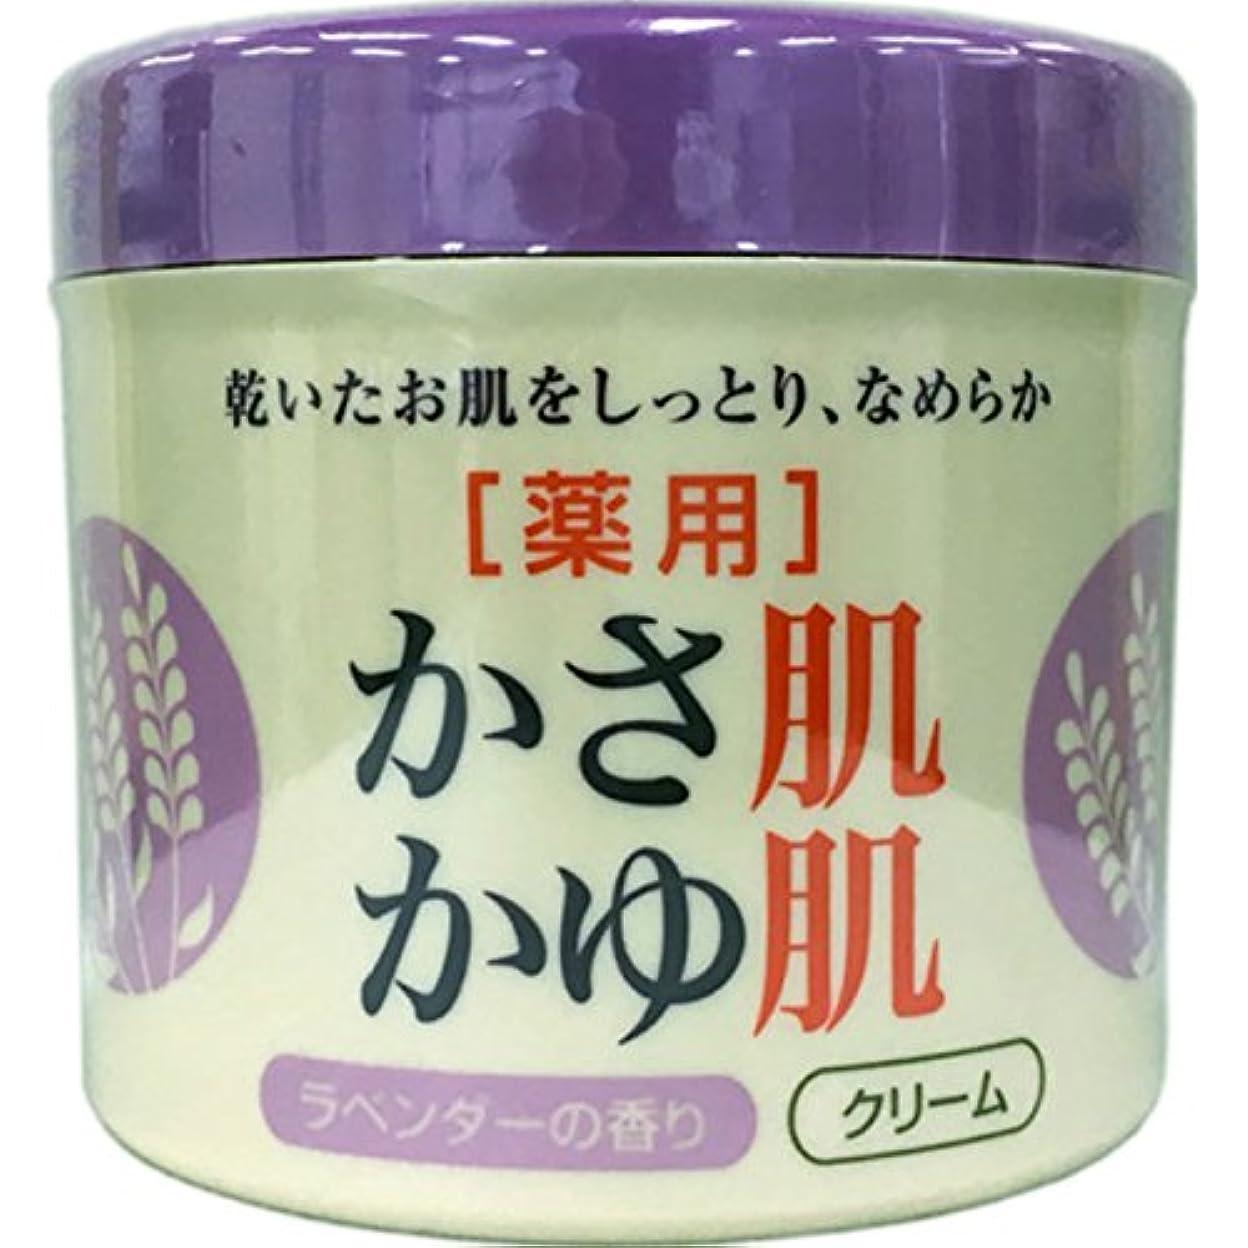 多様性心配する調停するヒラマツ商事 薬用かさ肌かゆ肌ミルキークリーム ラベンダー 280g (医薬部外品)